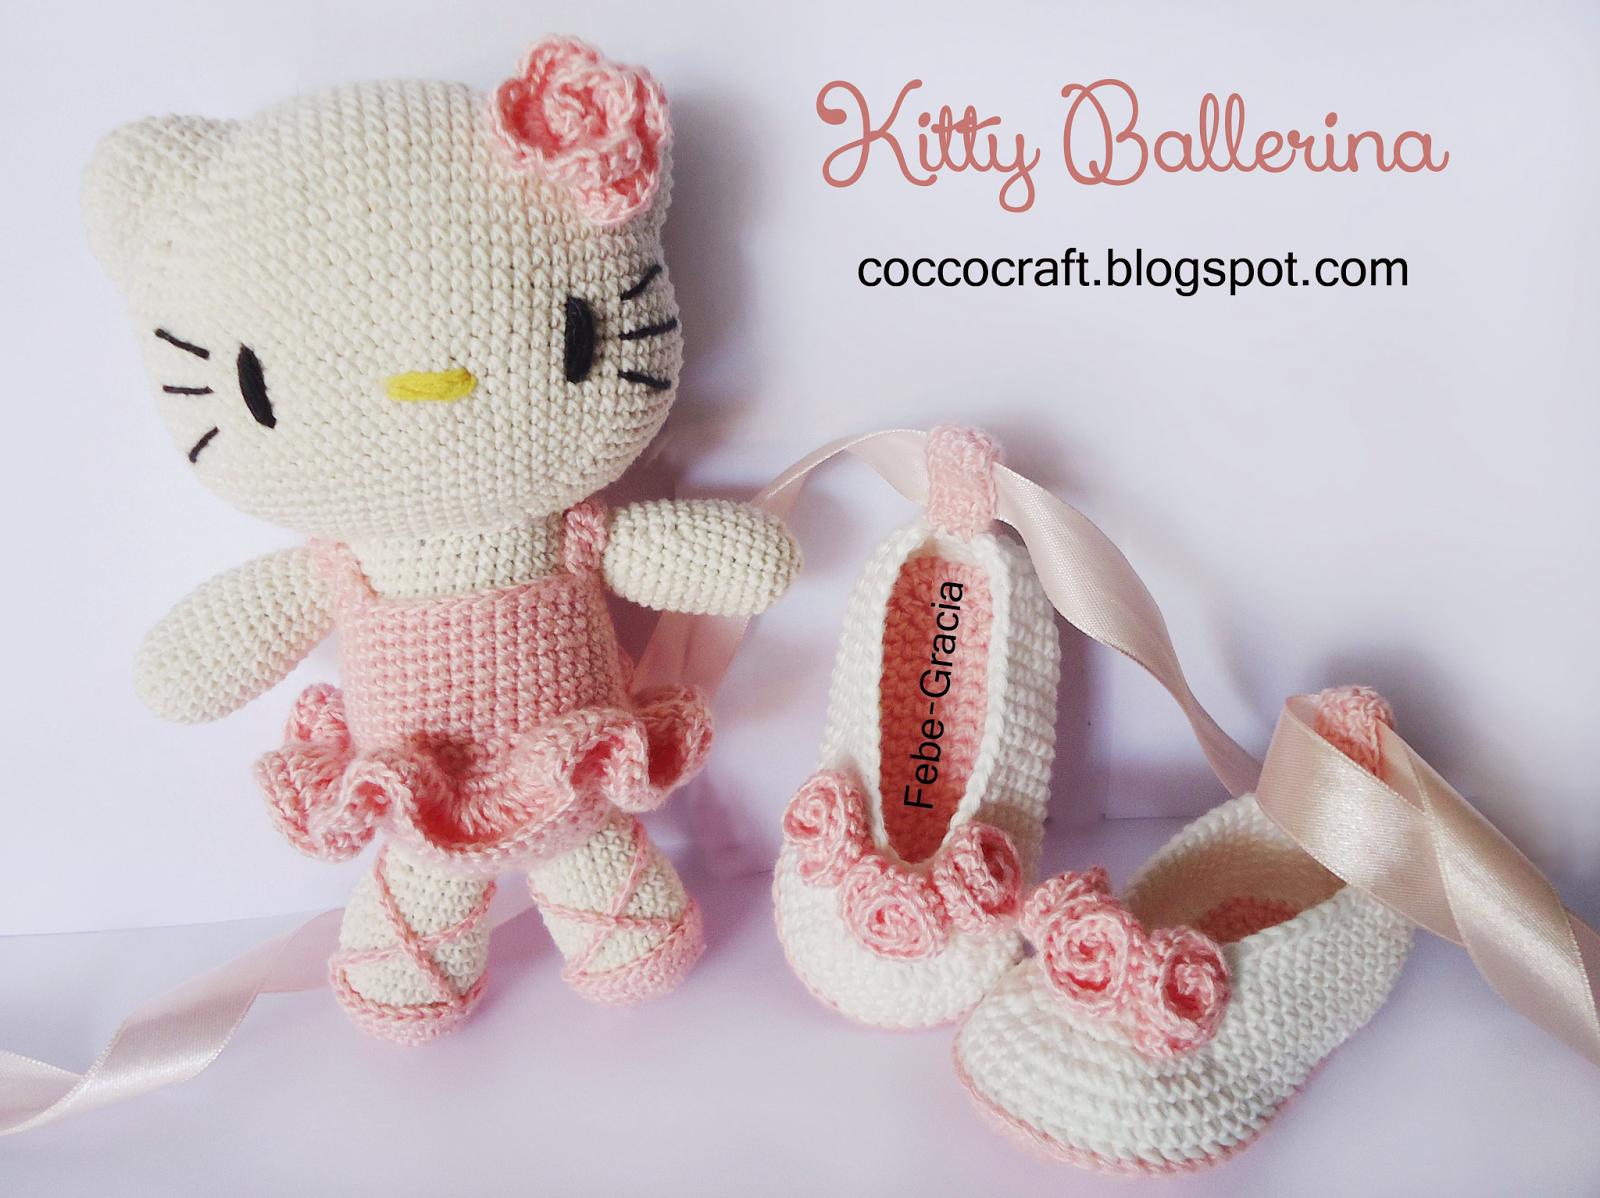 Free Amigurumi Patterns Hello Kitty : Kitty ballerina amigurumi and baby shoes crochet pattern